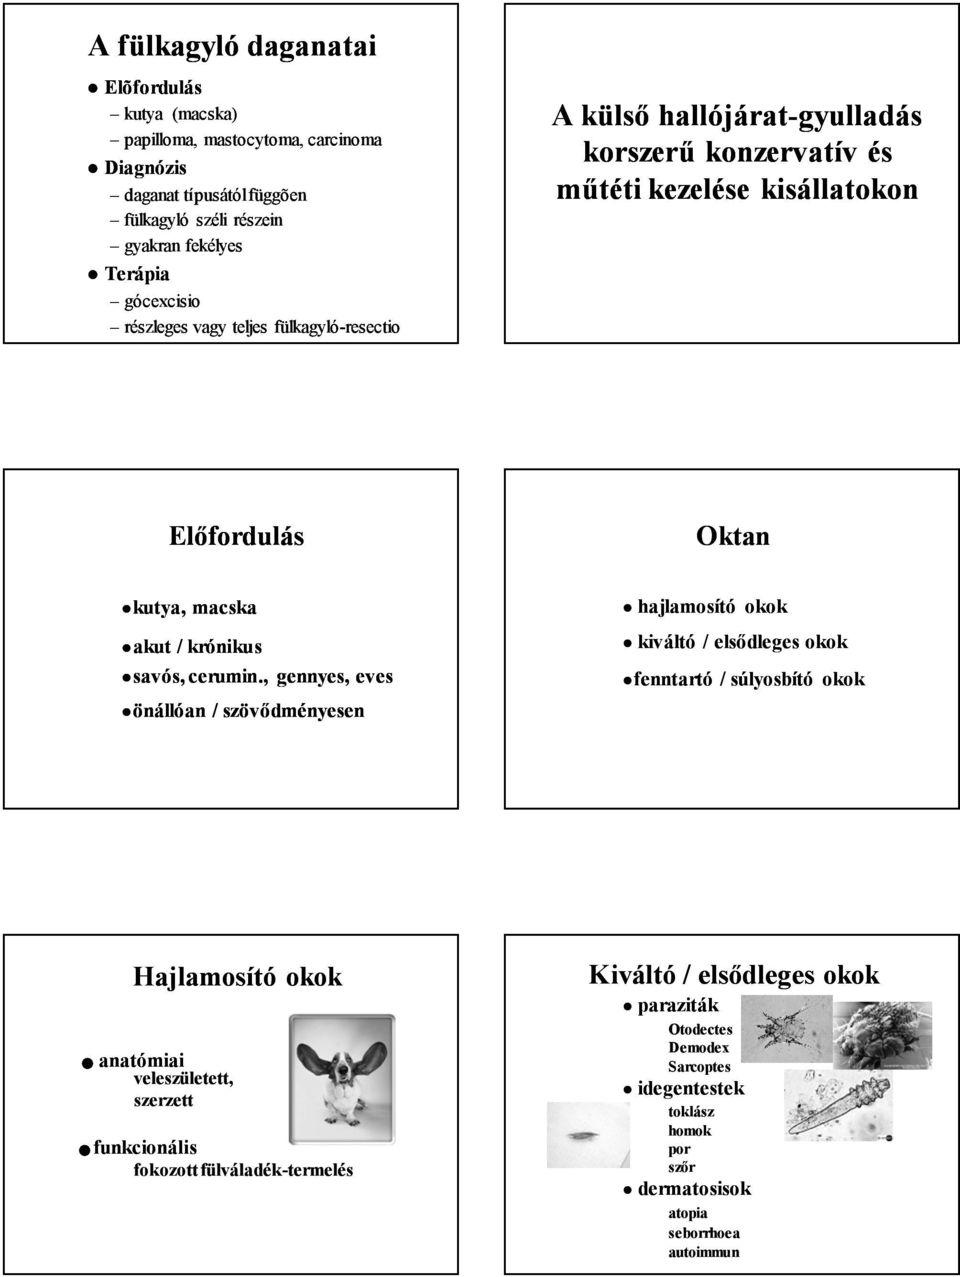 papillómák és paraziták